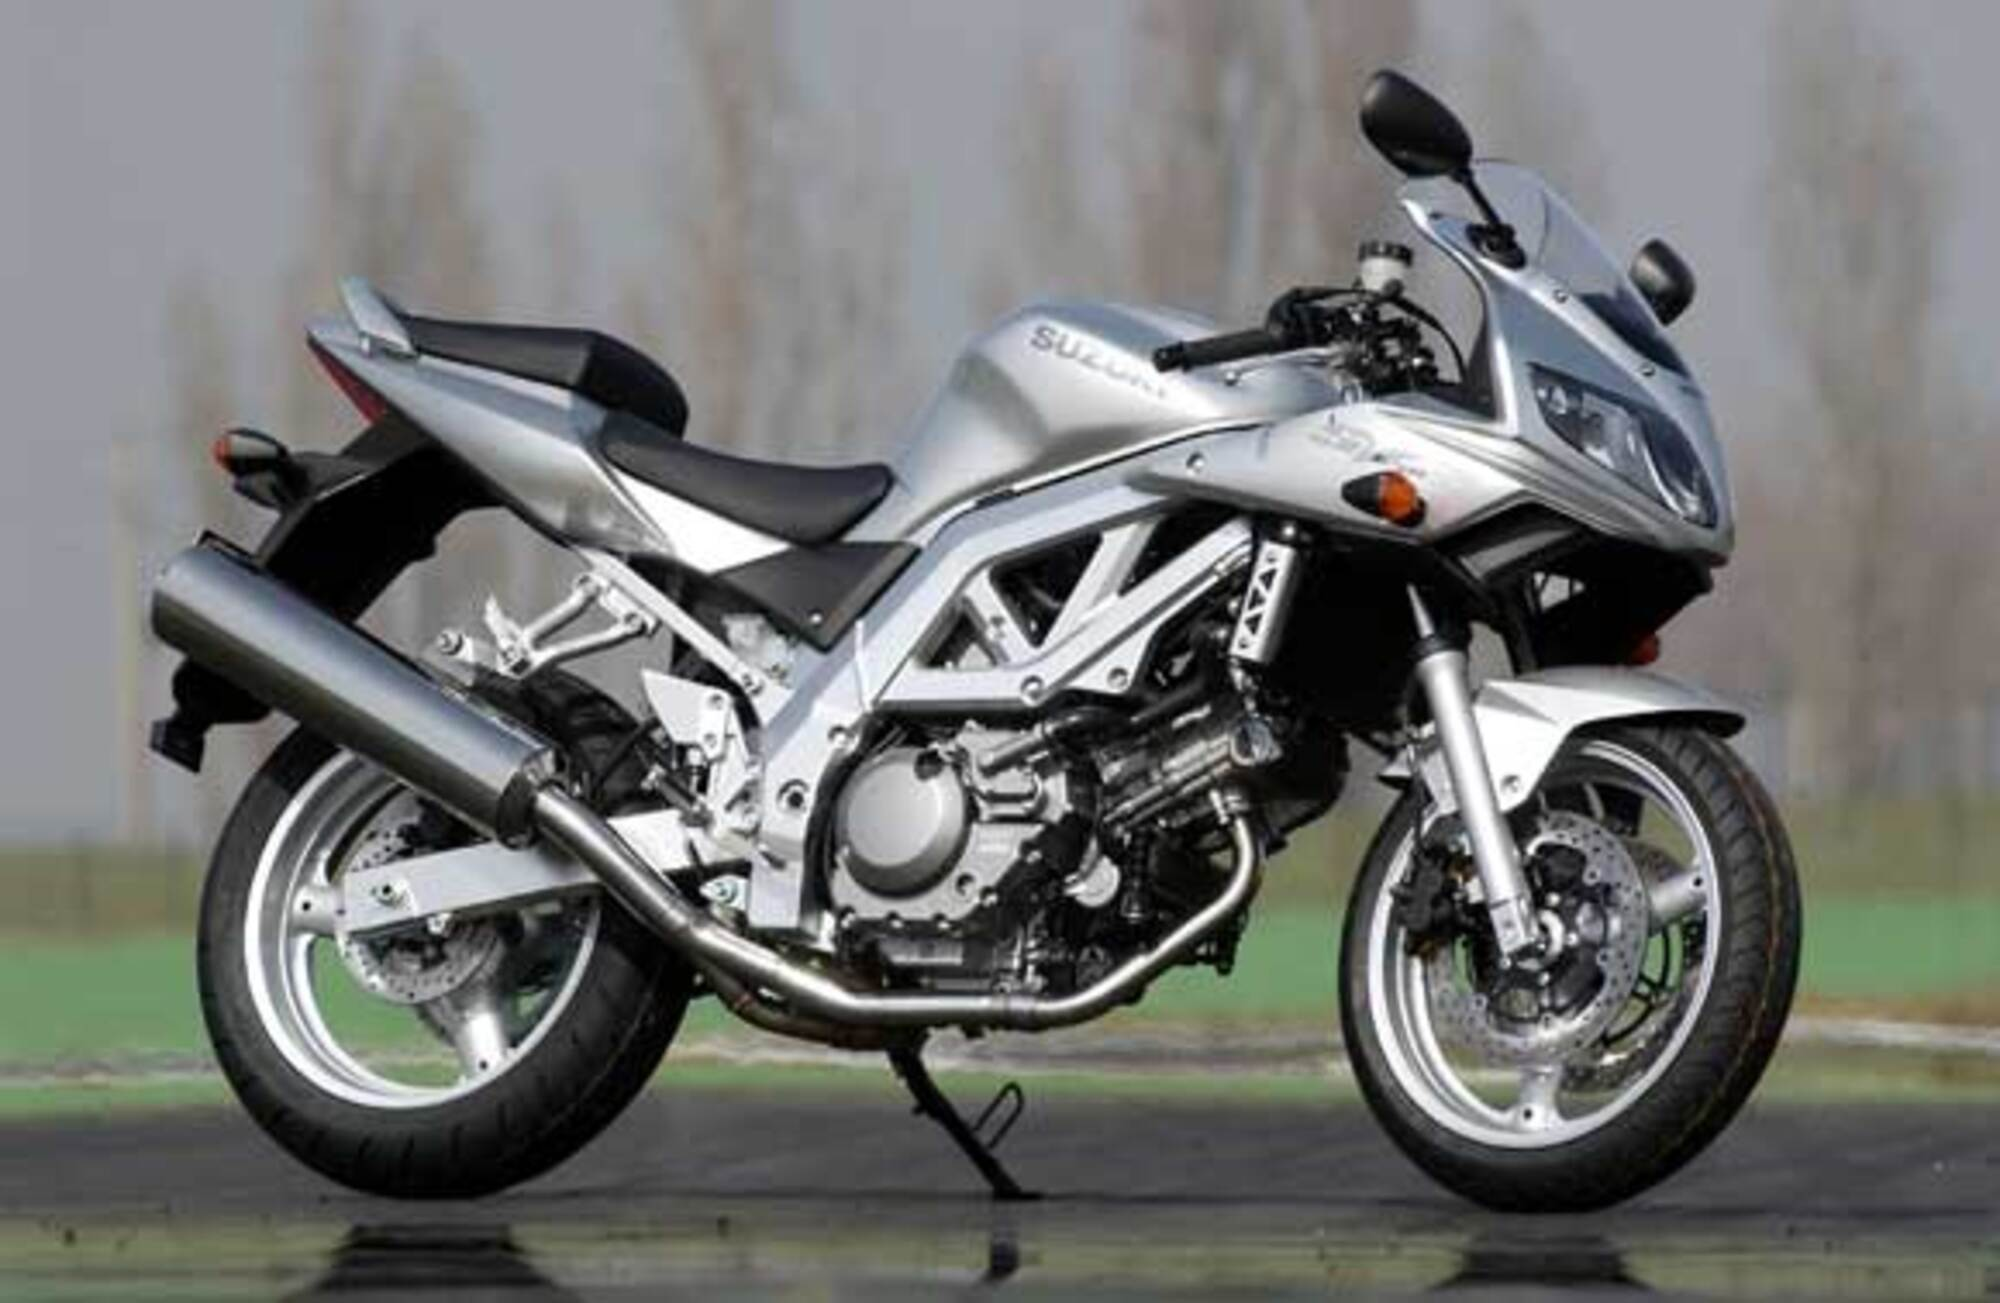 Suzuki SV 1000 S, prezzo e scheda tecnica - Moto.it